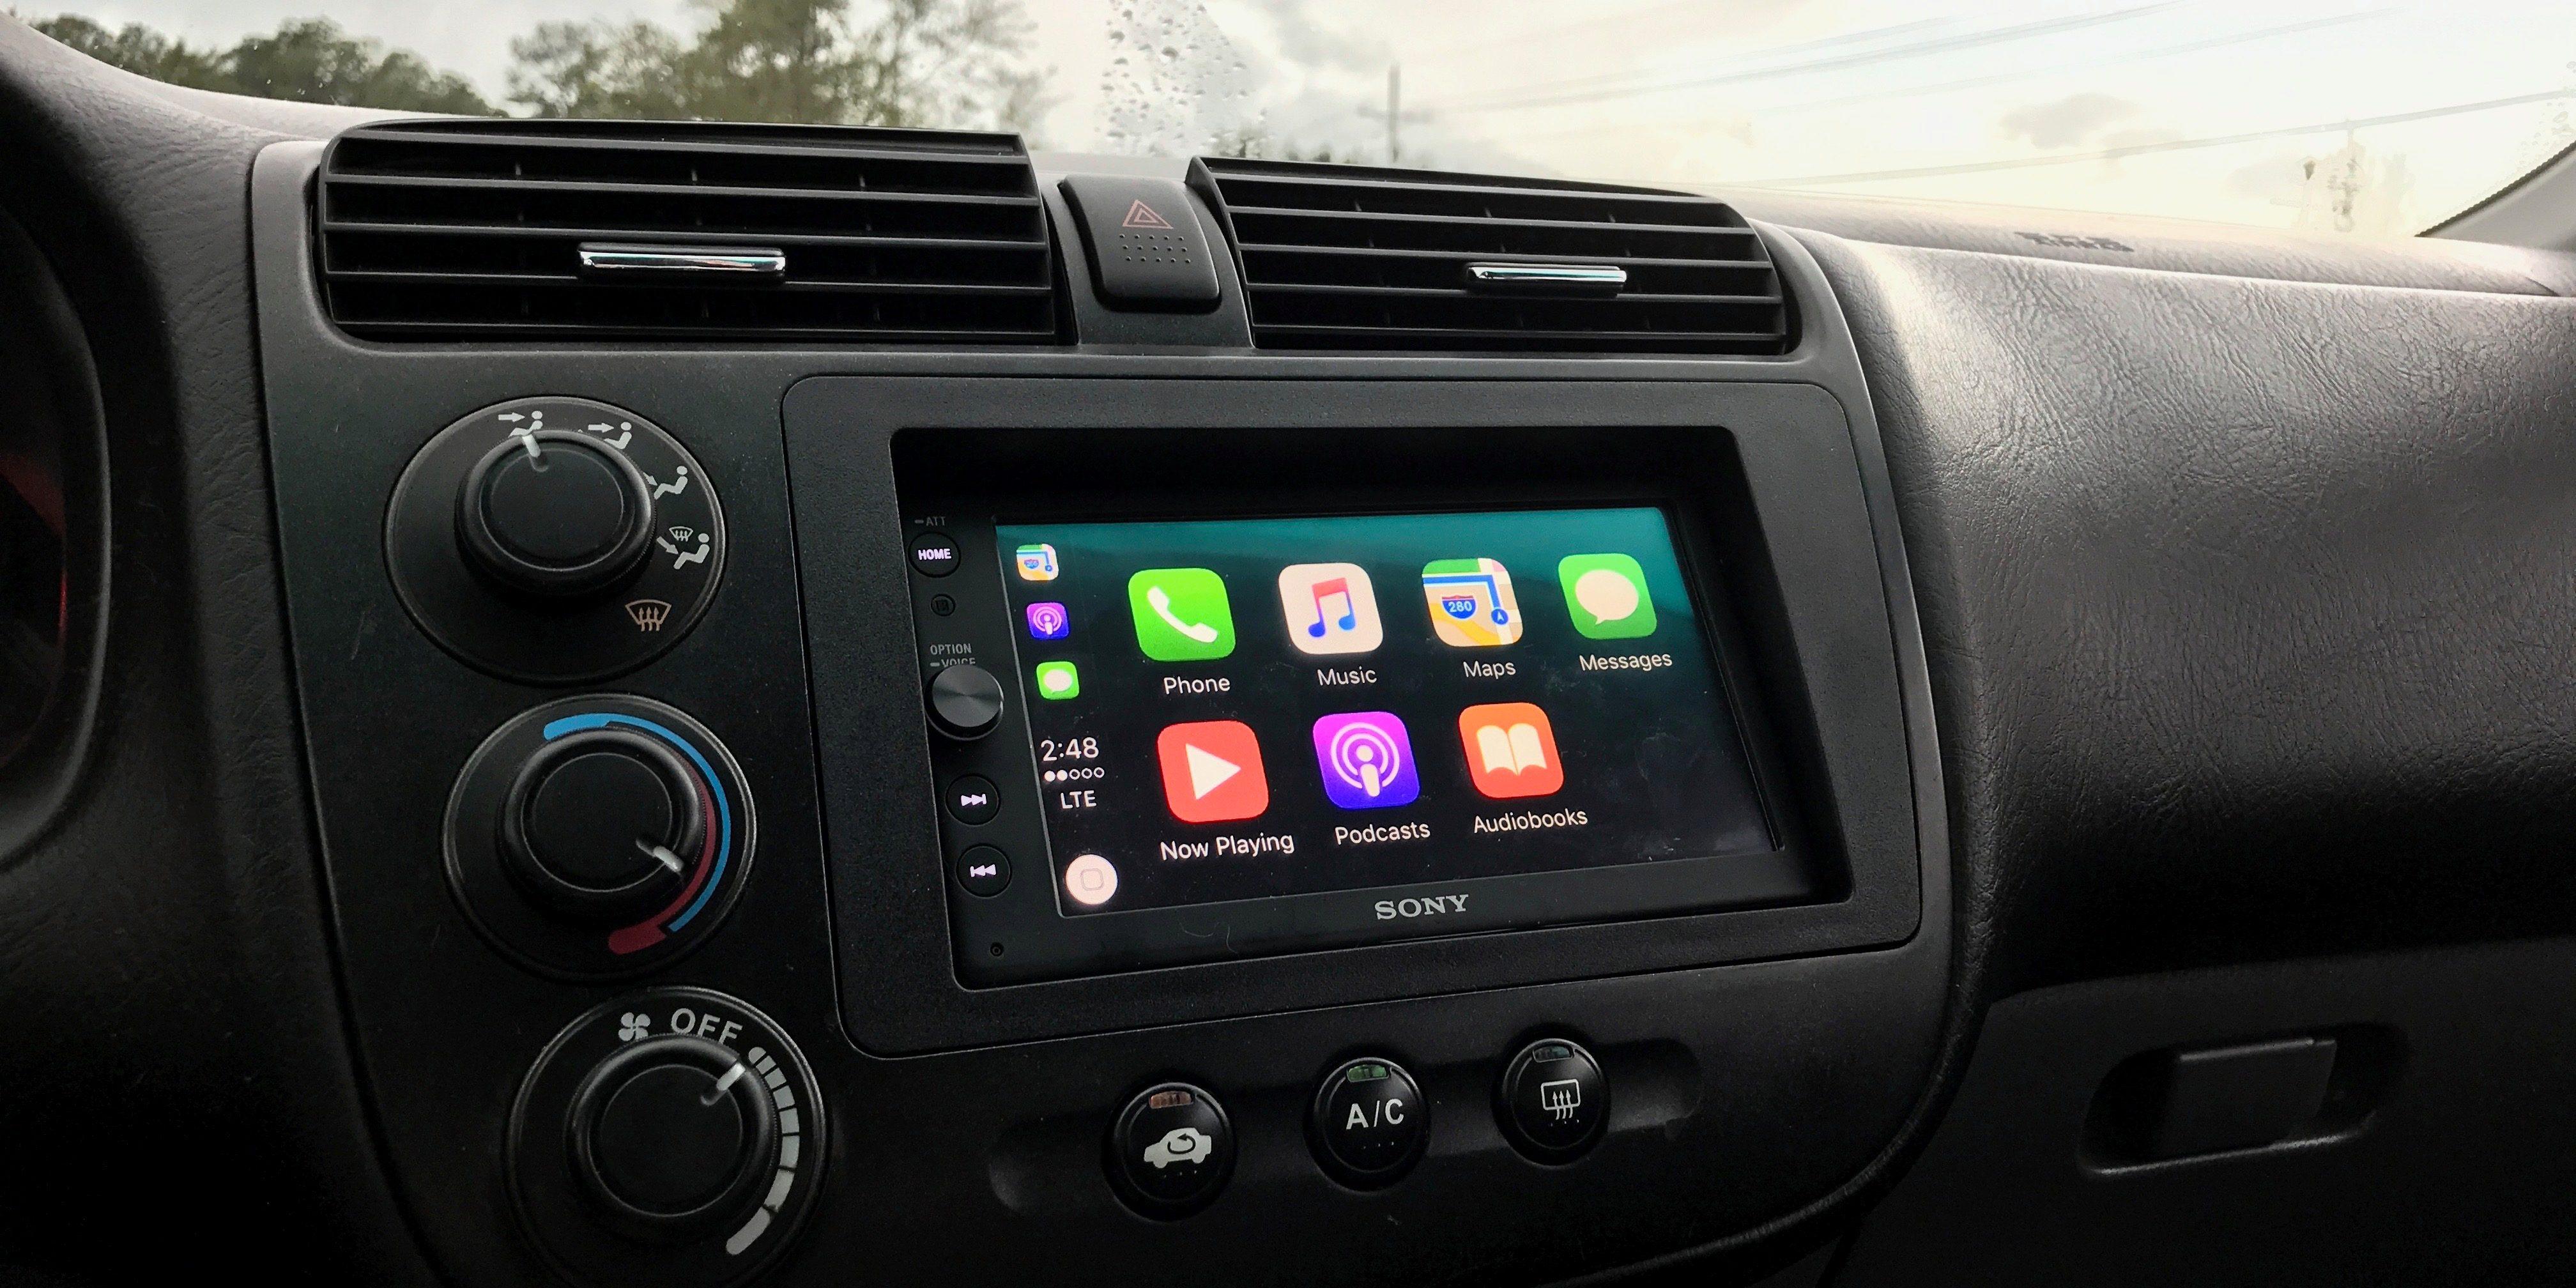 """<span href=""""https://9to5mac.com/2017/02/20/review-sony-xav-ax100-receiver-carplay/"""">Review: Sony XAV-AX100 CarPlay receptor pares de diseño de buen gusto con un precio justo a expensas de la pantalla tecnología</a>"""